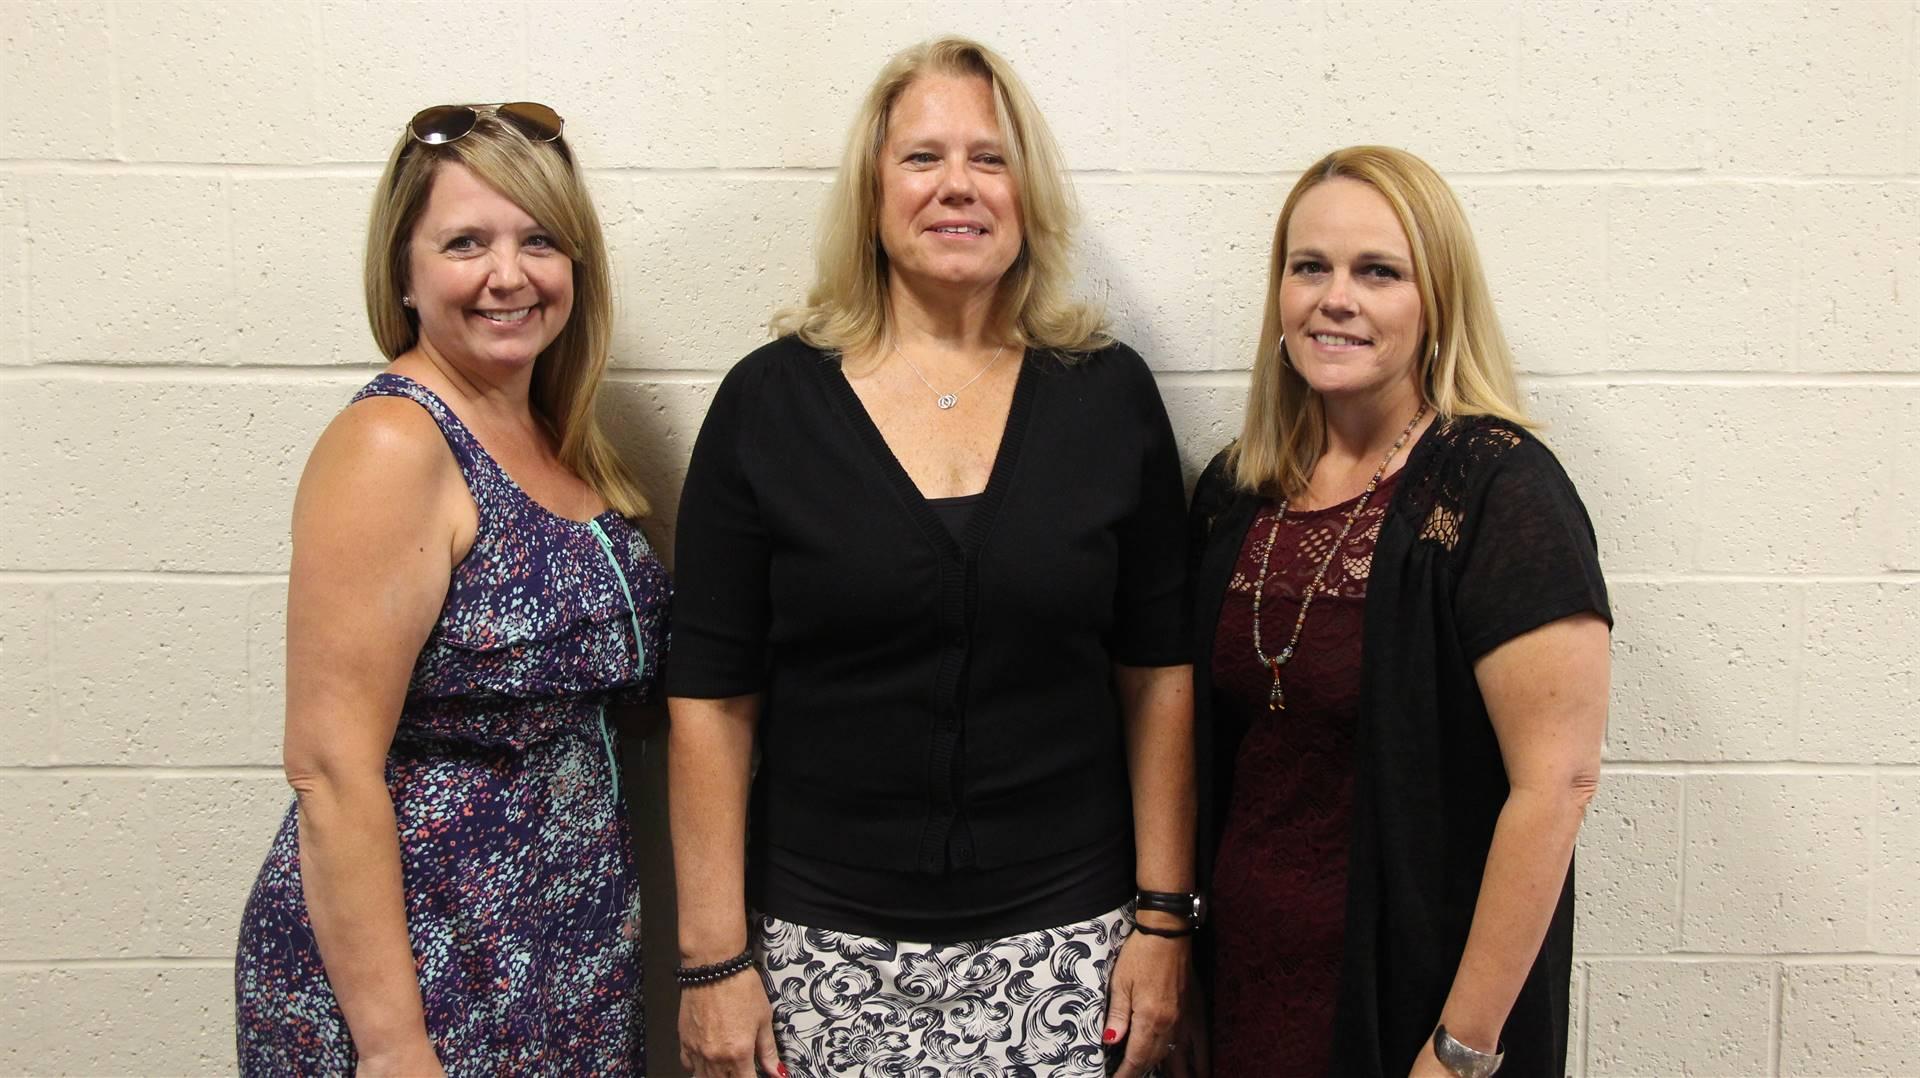 Terry Wansart standing between two other women